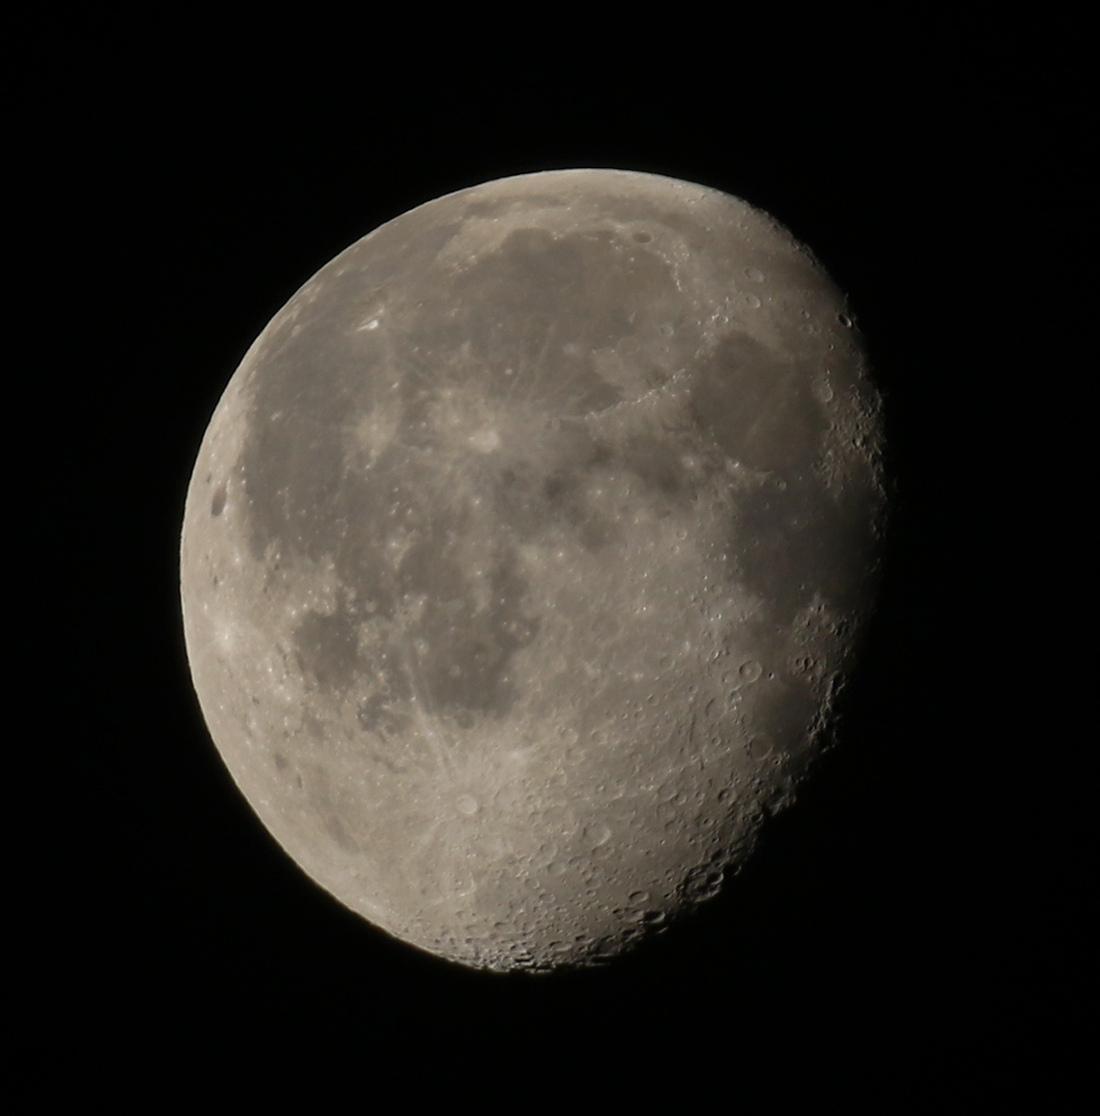 la lune le 14/01/2020 (47337/55AI1)